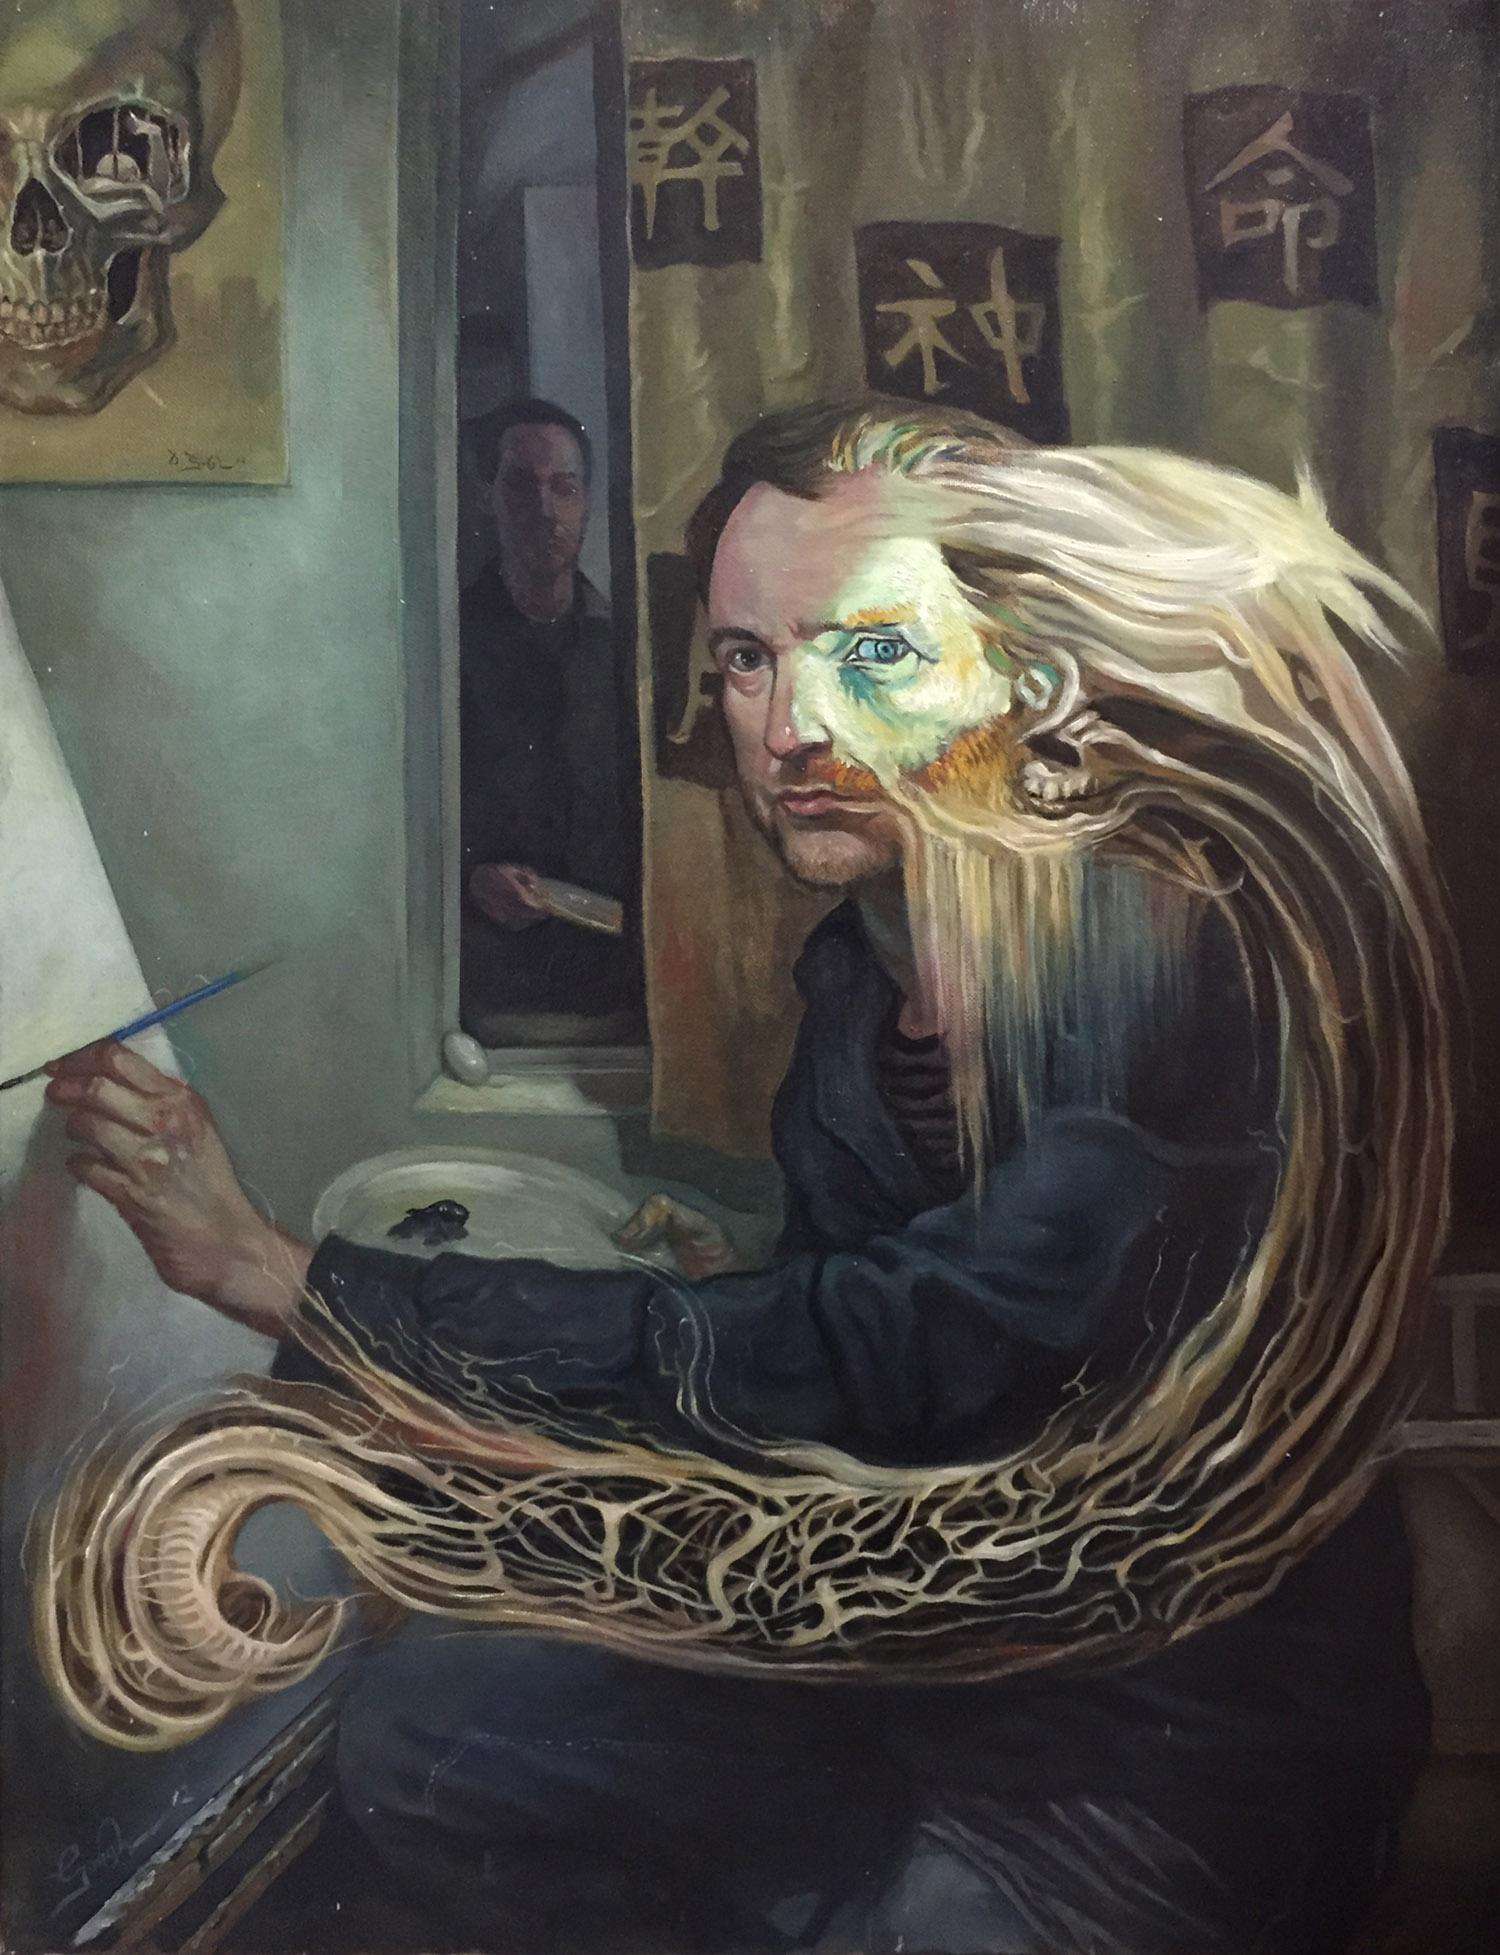 David Van Gough - Haunted